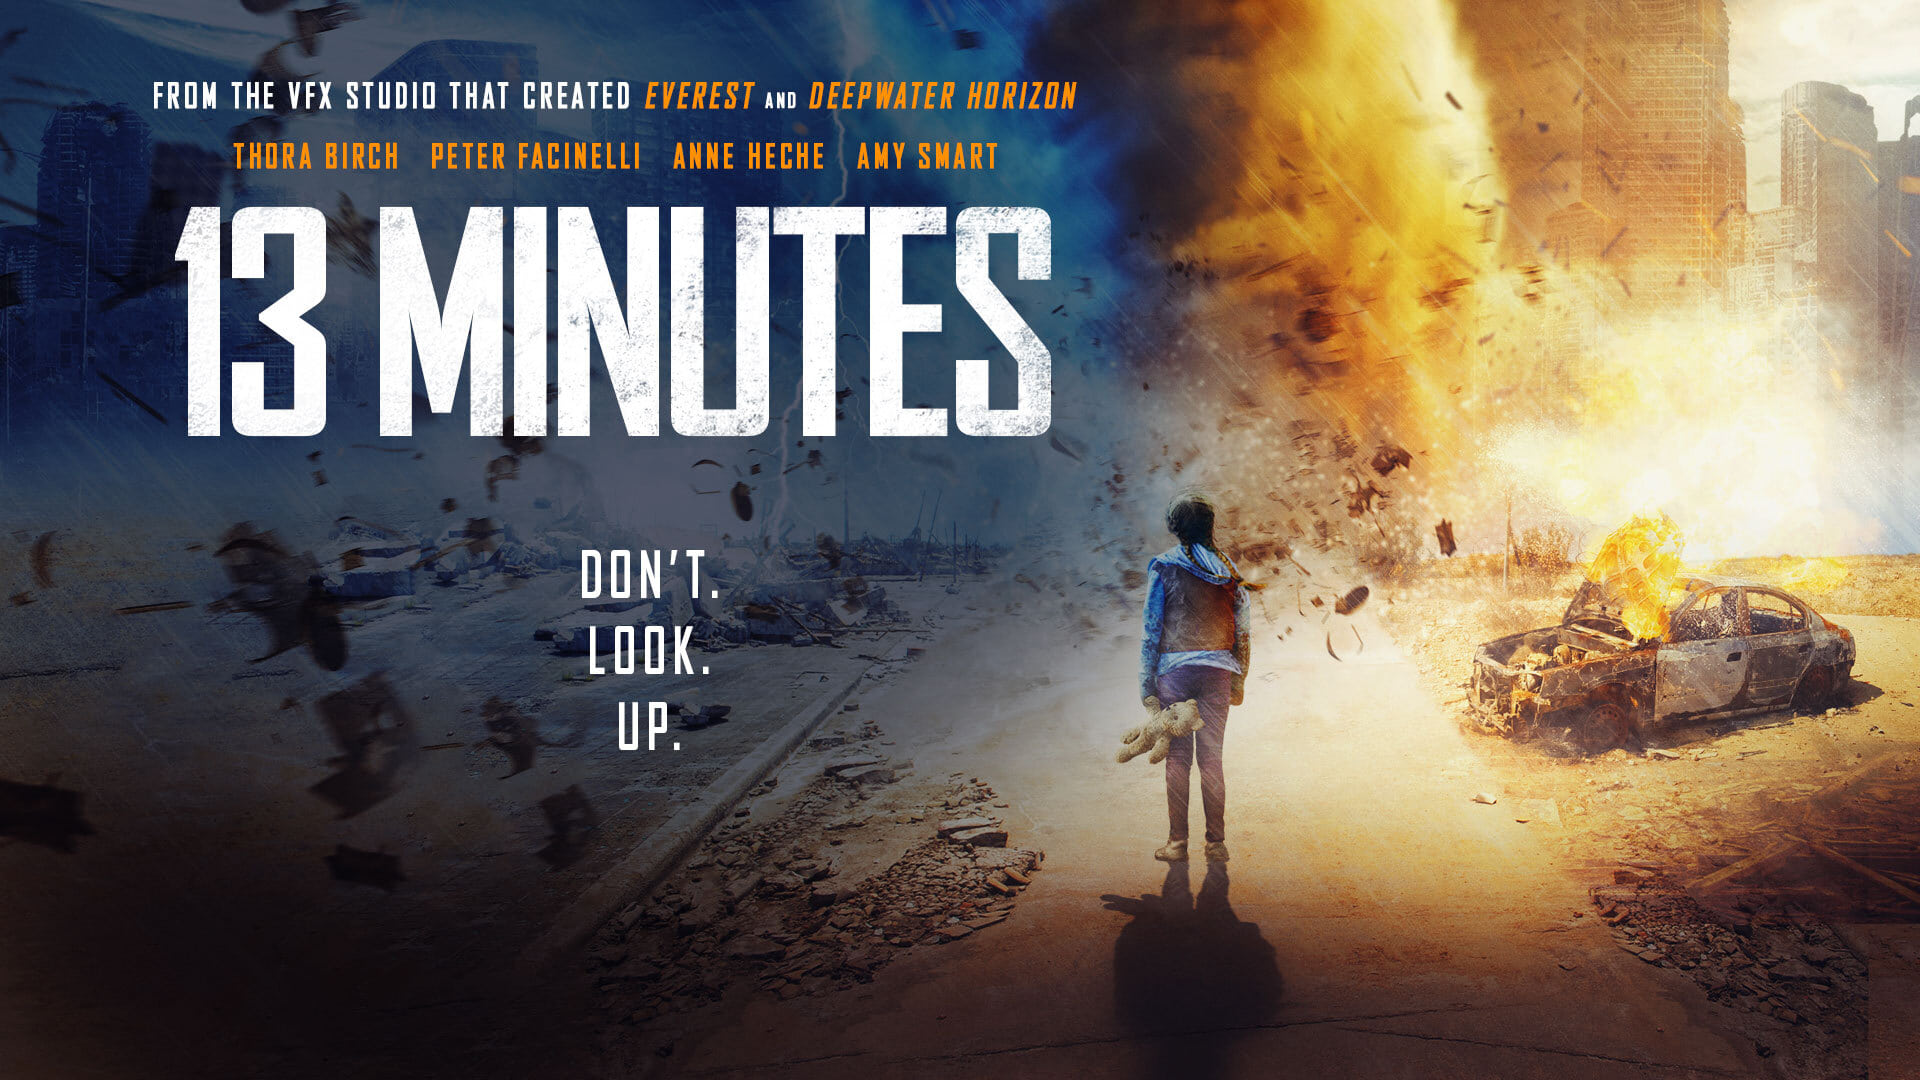 13 Minutes (2021) Watch Online